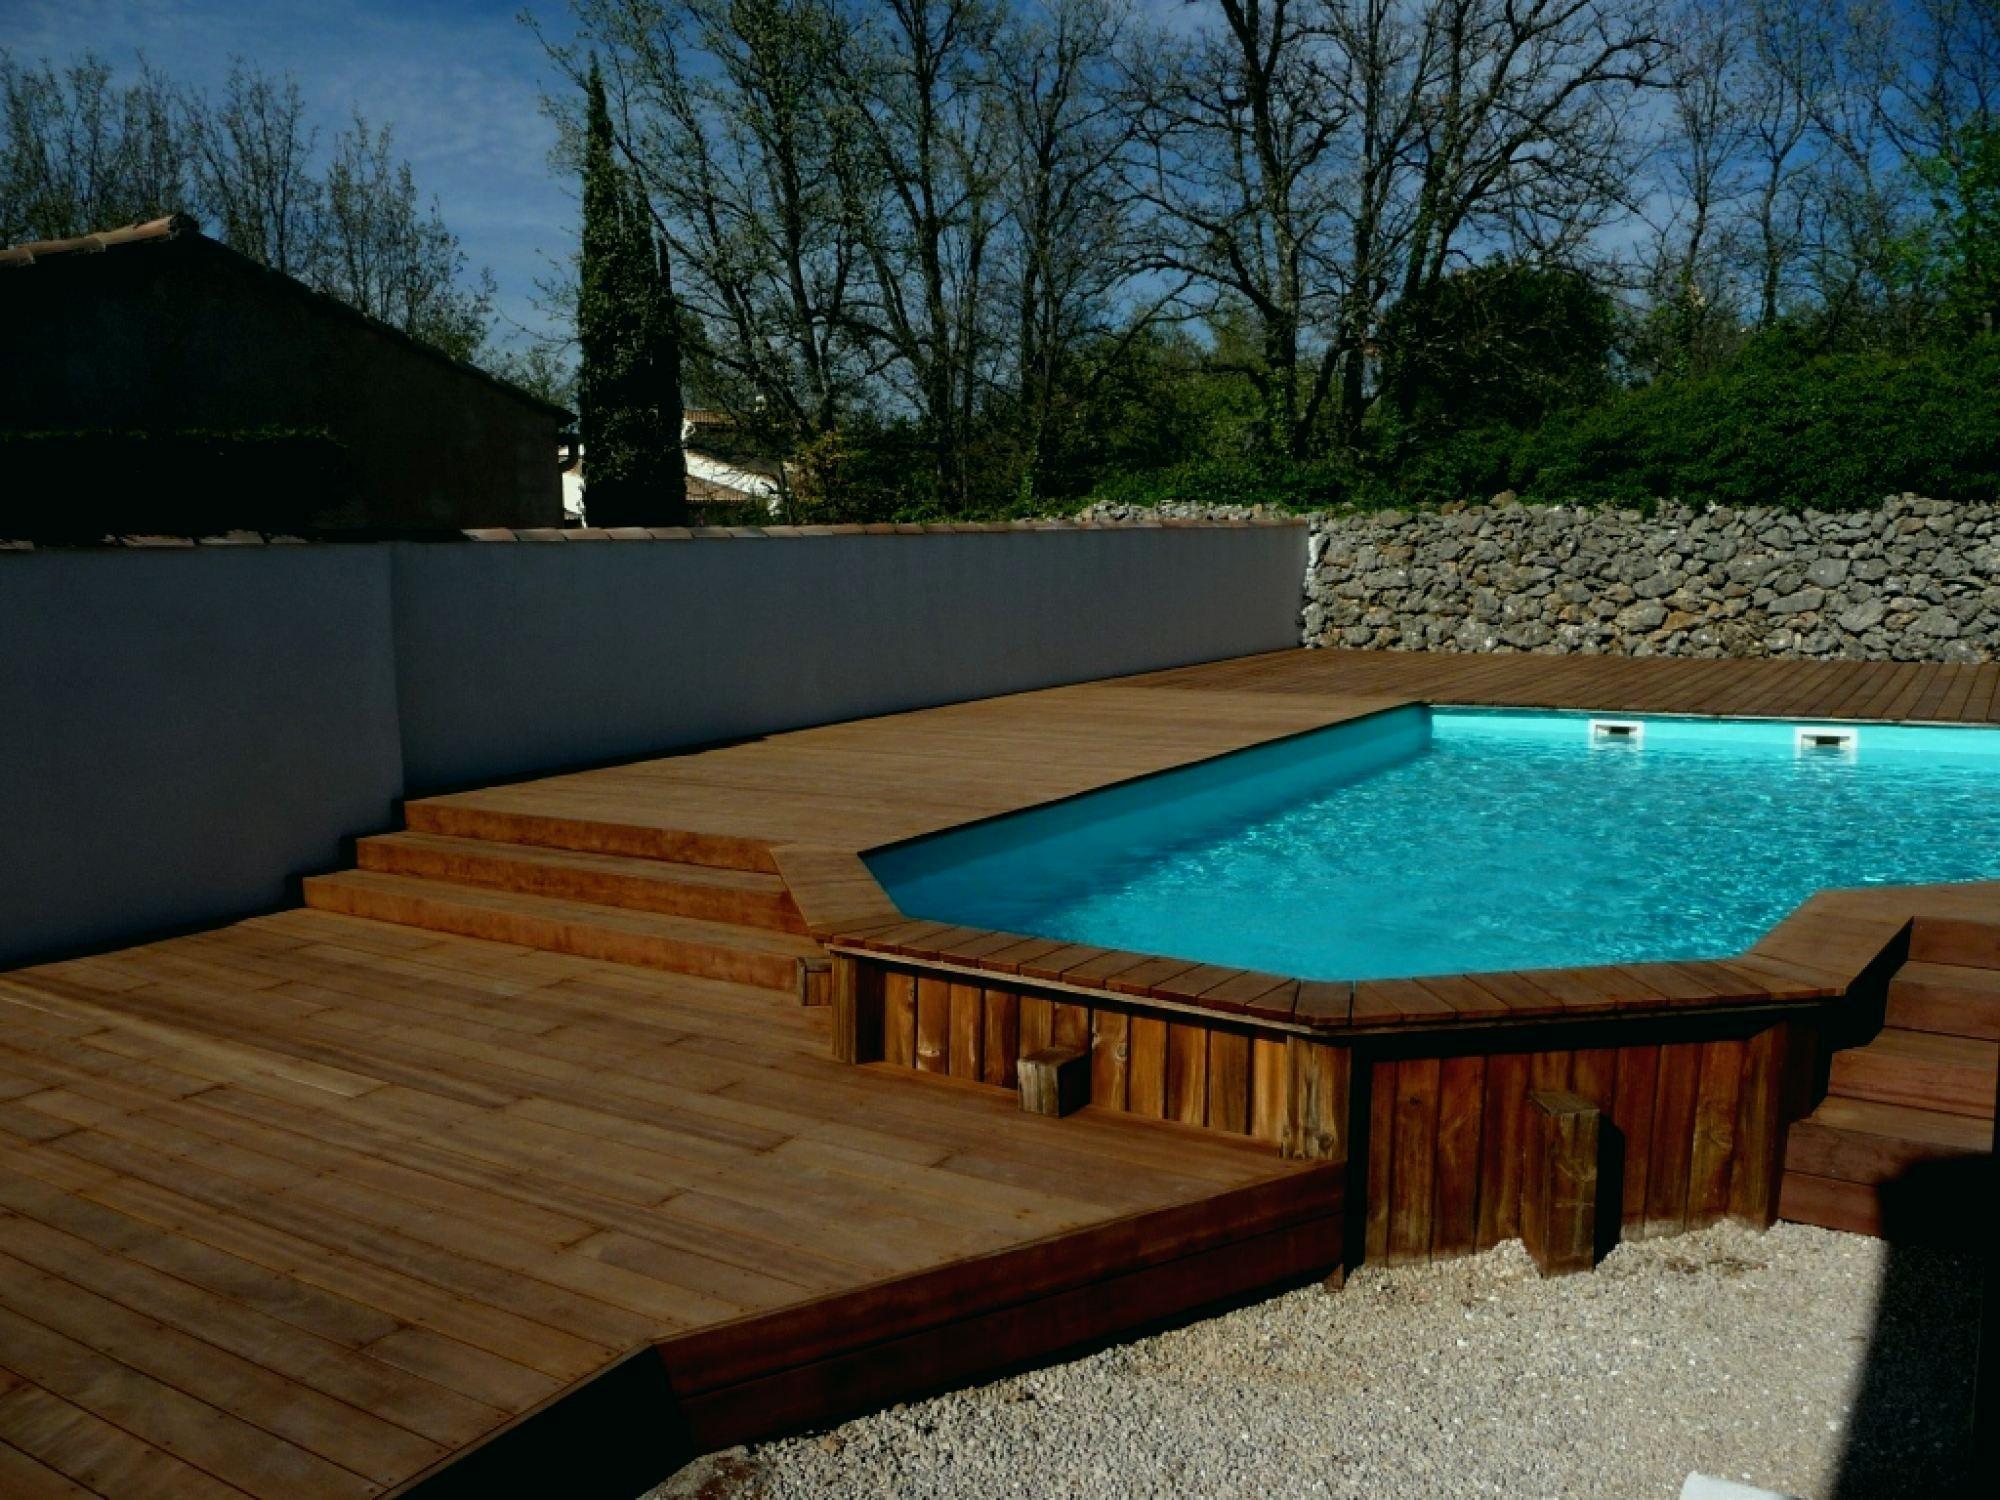 Couverture Piscine Terrasse Élégant Piscine Hors Sol ... destiné Piscine Auchel